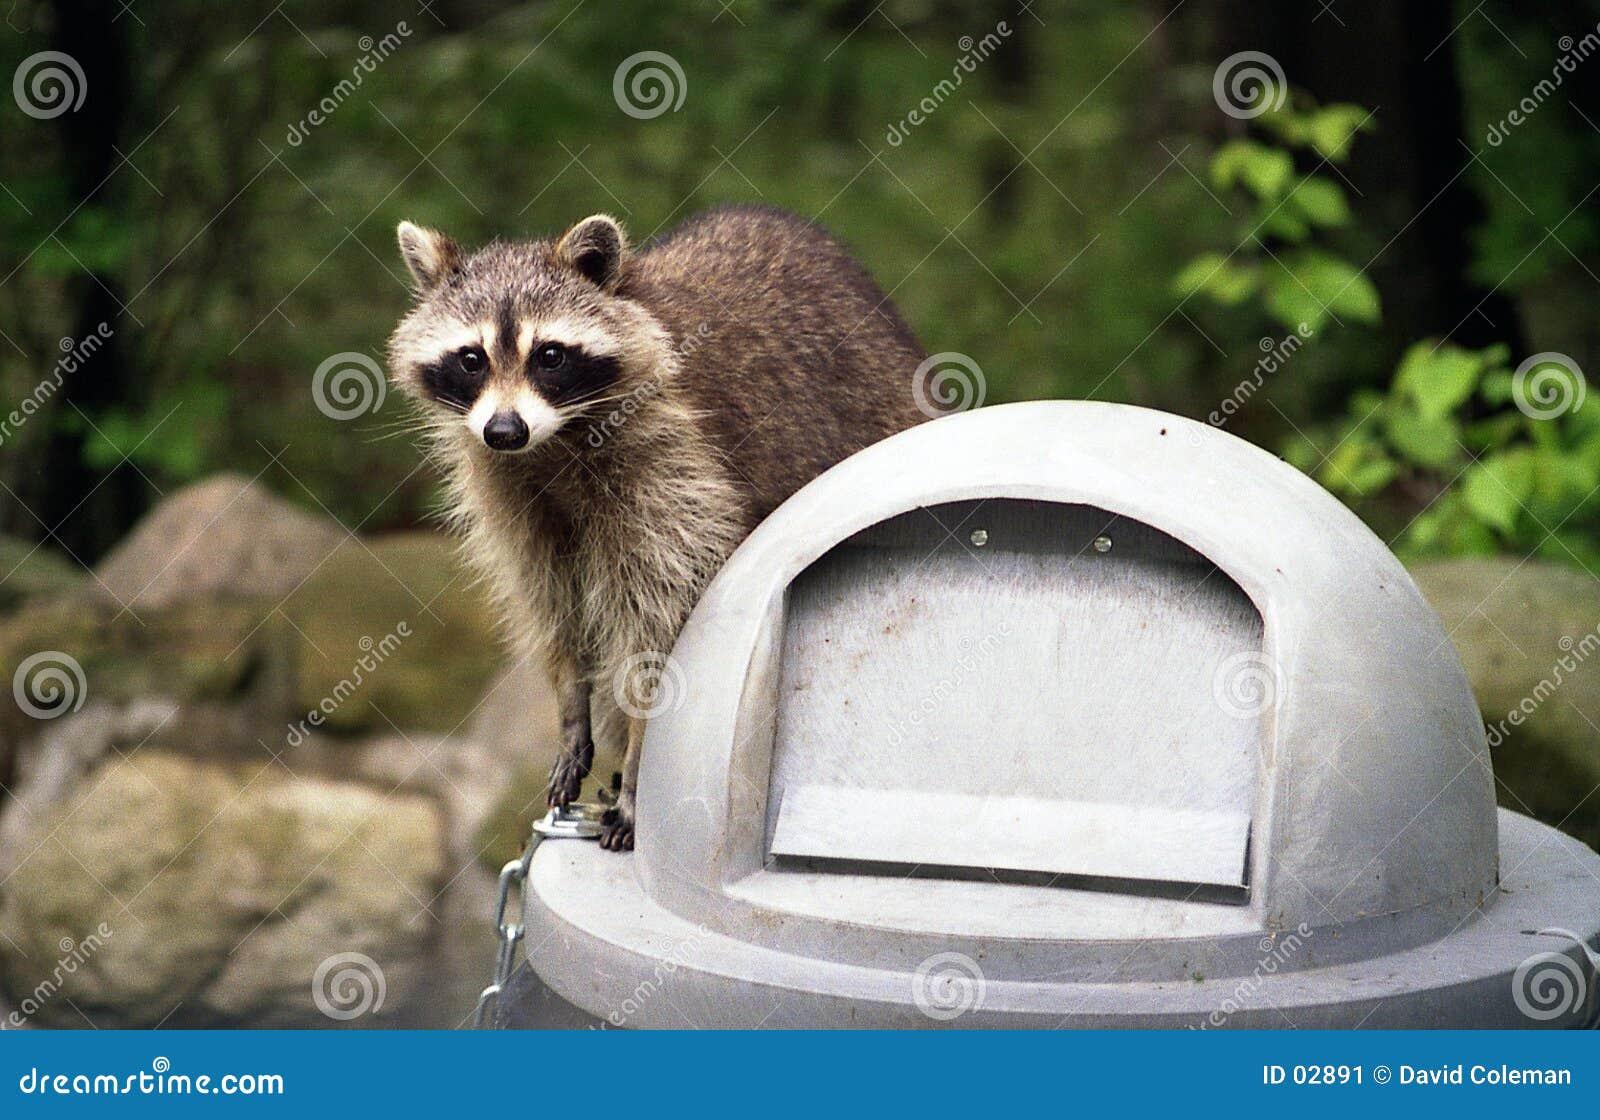 Raccoon trashcan